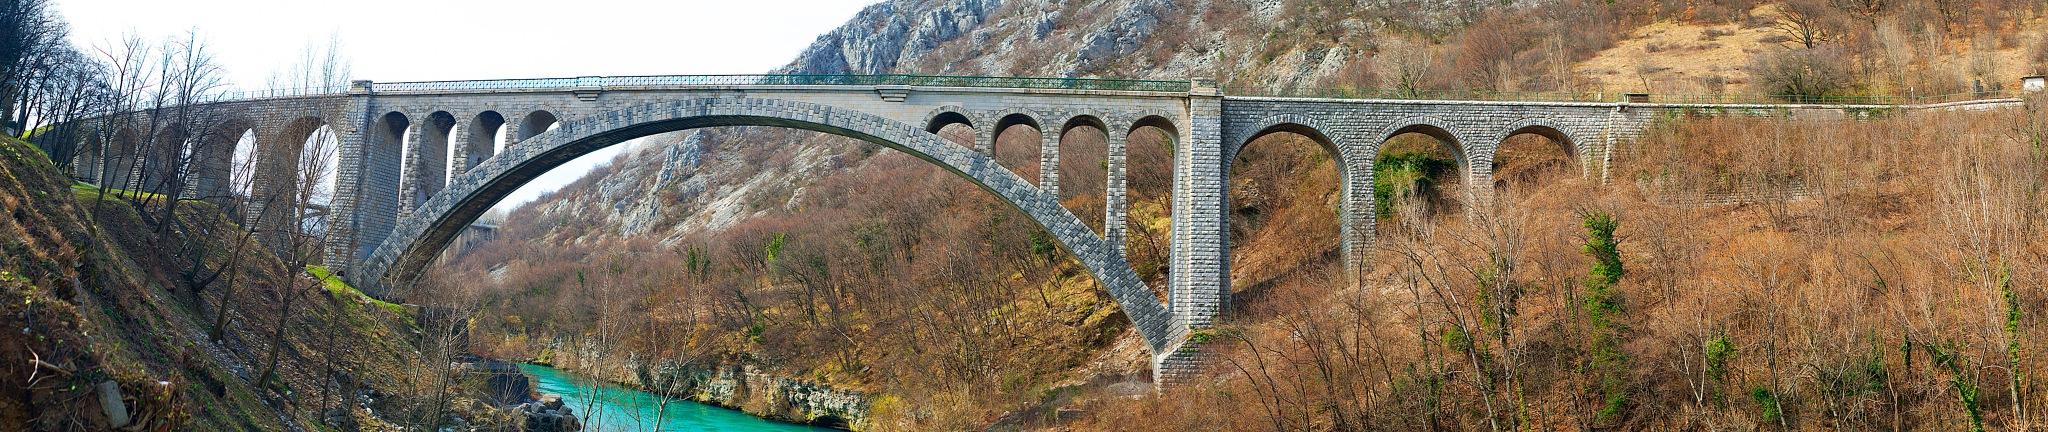 The Solkan bridge over the Soca river by Branko Dolinar